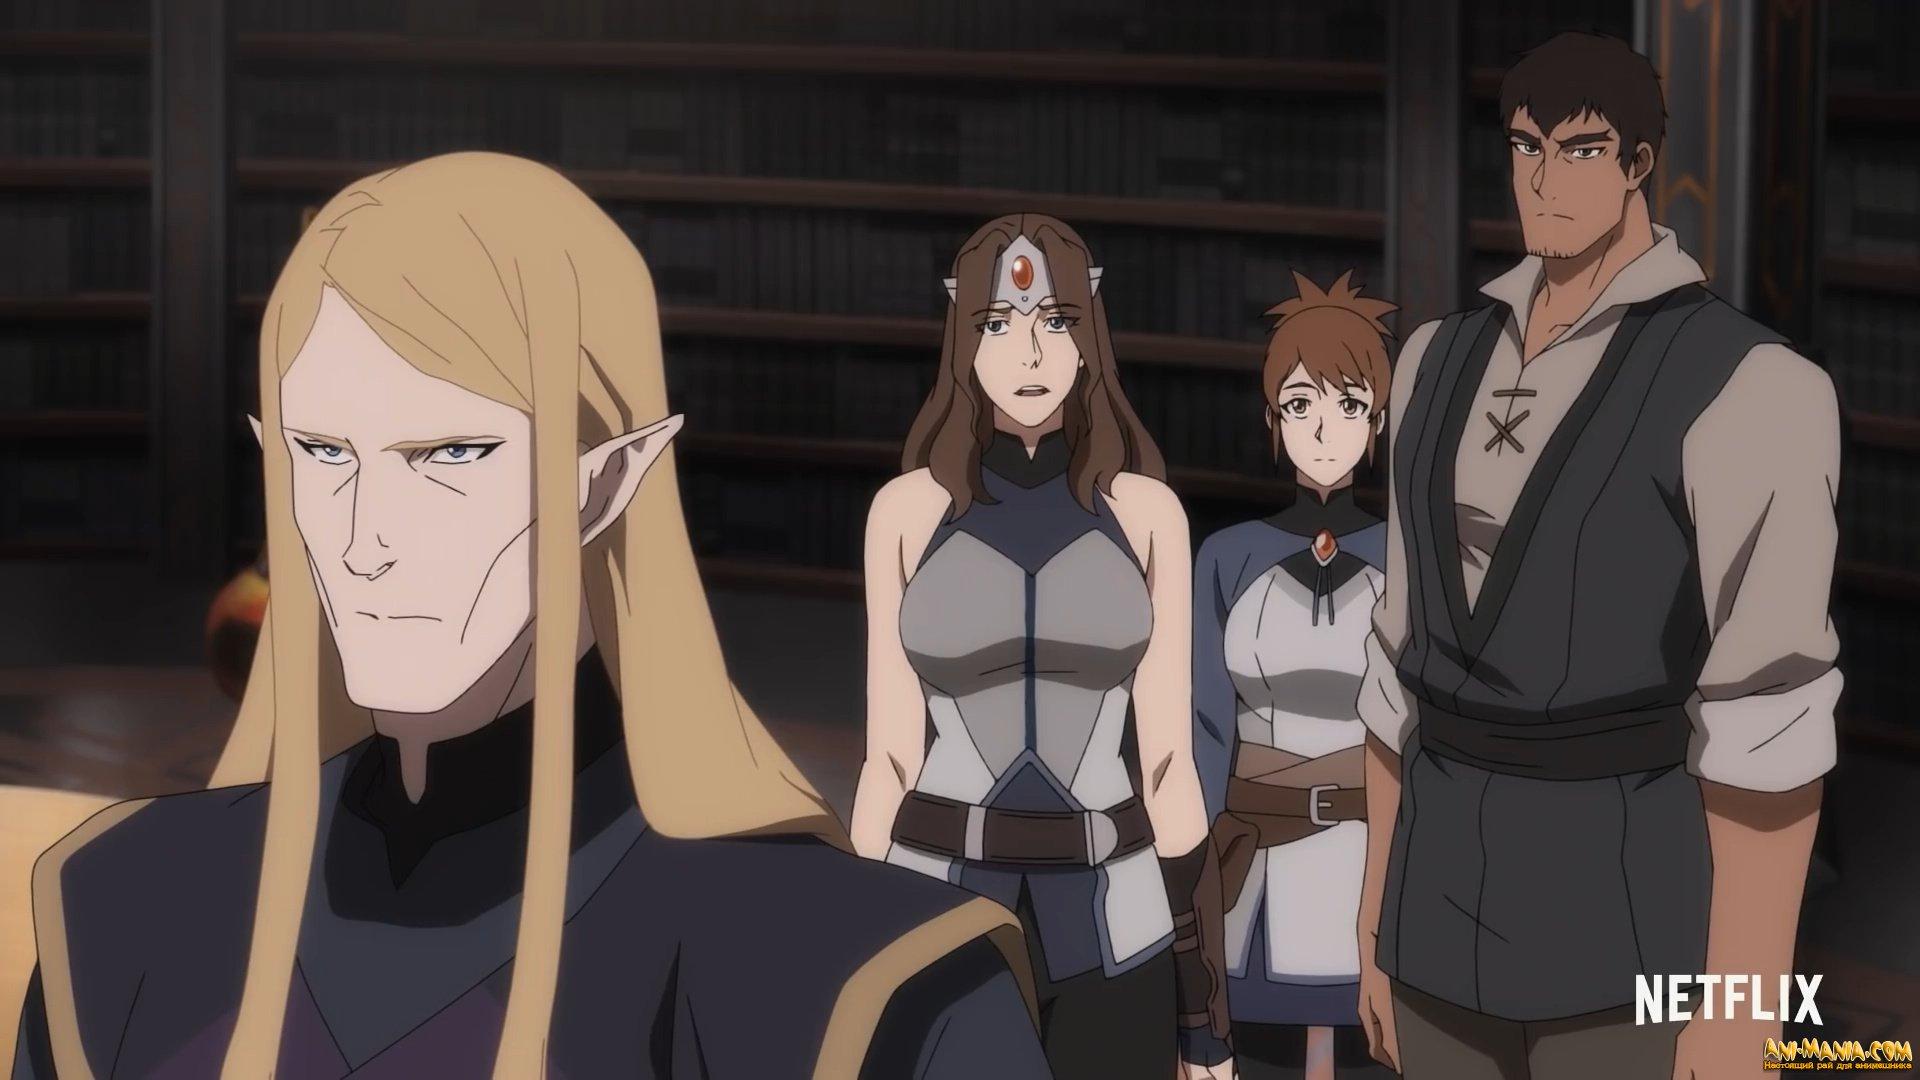 Трейлер аниме «DOTA: Кровь дракона» углубляется в сюжет сериала от Netflix, Valve и создателей «Легенды о Корре»